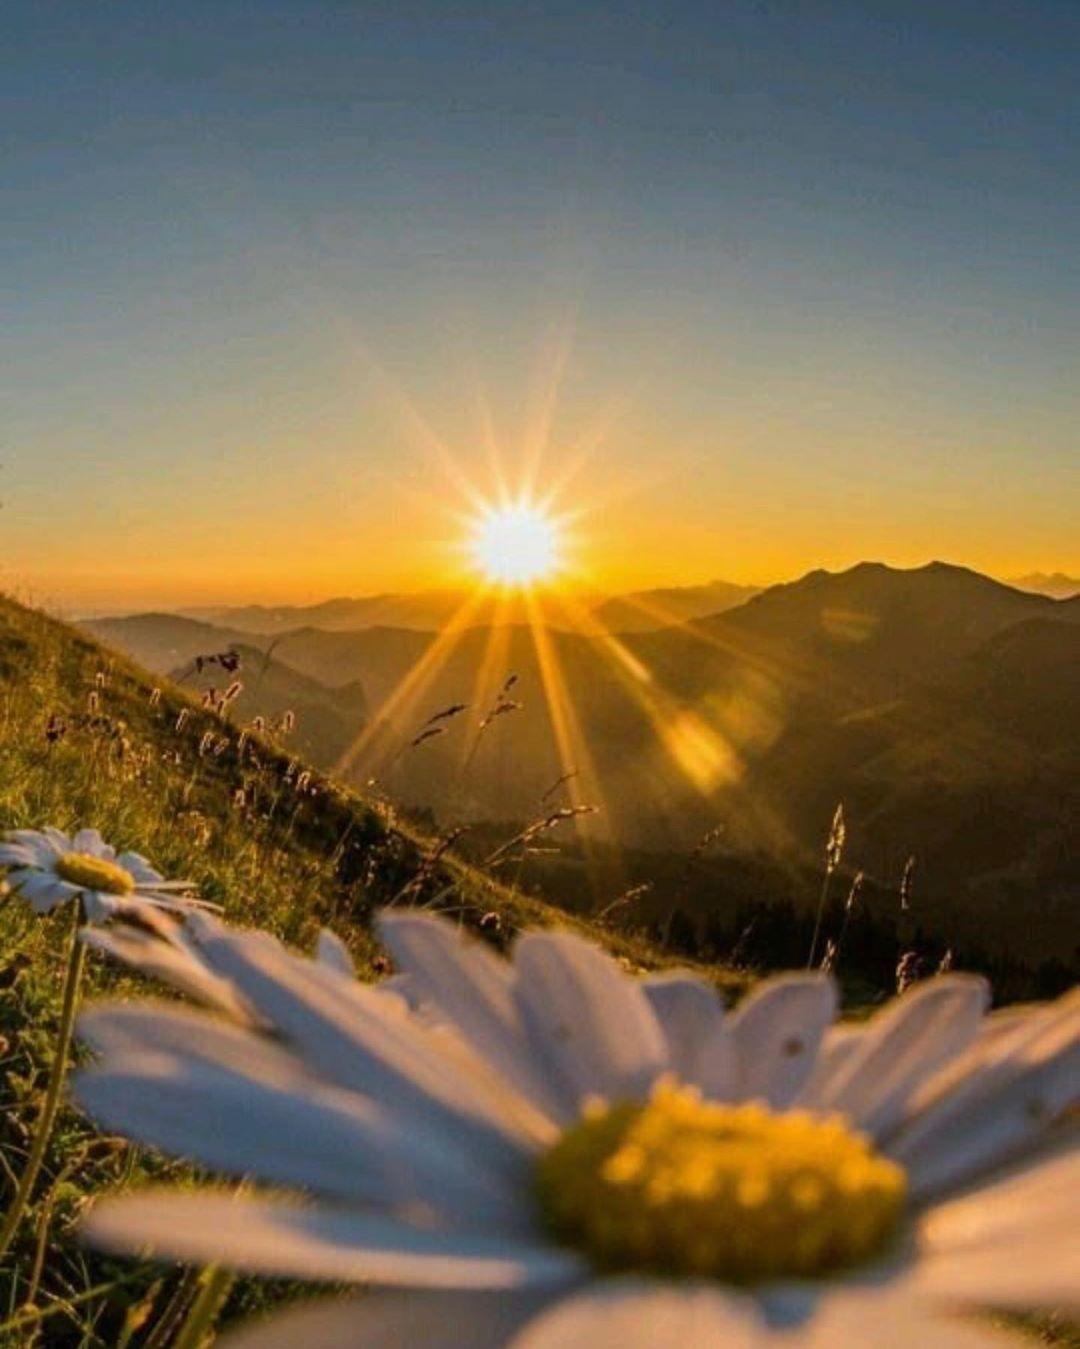 كل يوم نرى شروق الشمس لتزويدنا برسالة مفادها أن الظلام دائما ما يتم التغلب عليه بالضوء إنها قوة الخي Nature Pictures Nature Photography Cute Tumblr Pictures